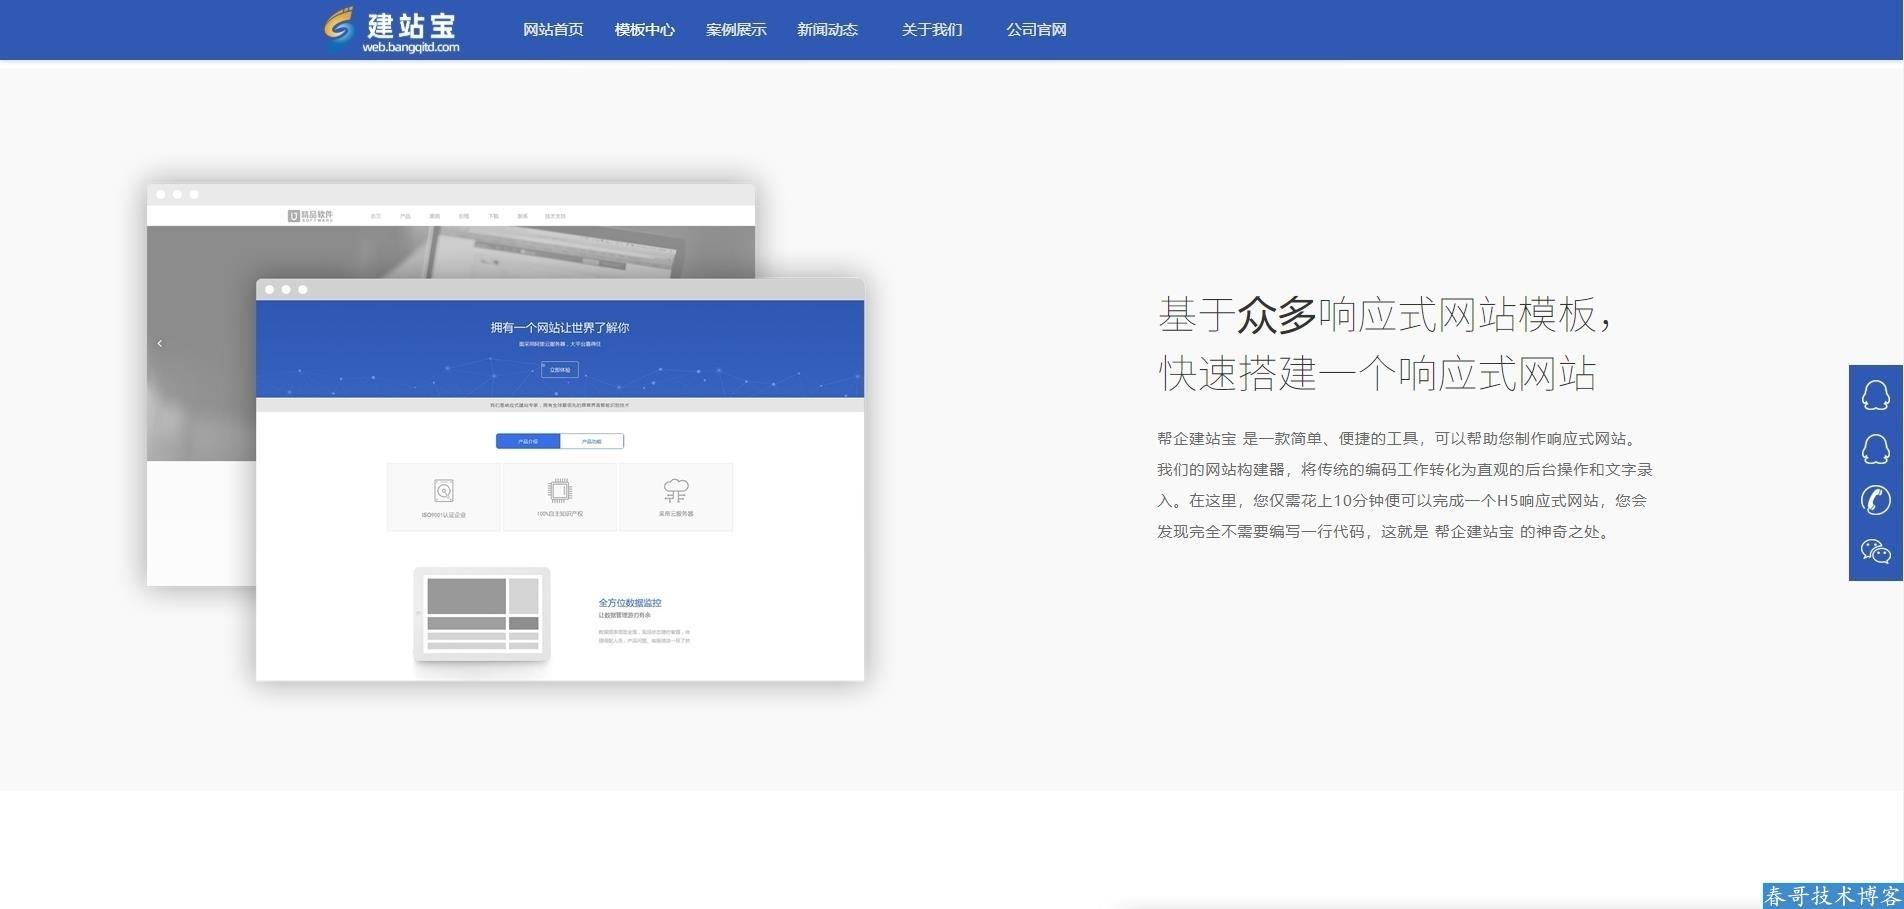 帮企建站宝V8.0响应式建站系统源码重磅升级发布,新增至600多套网站模板!